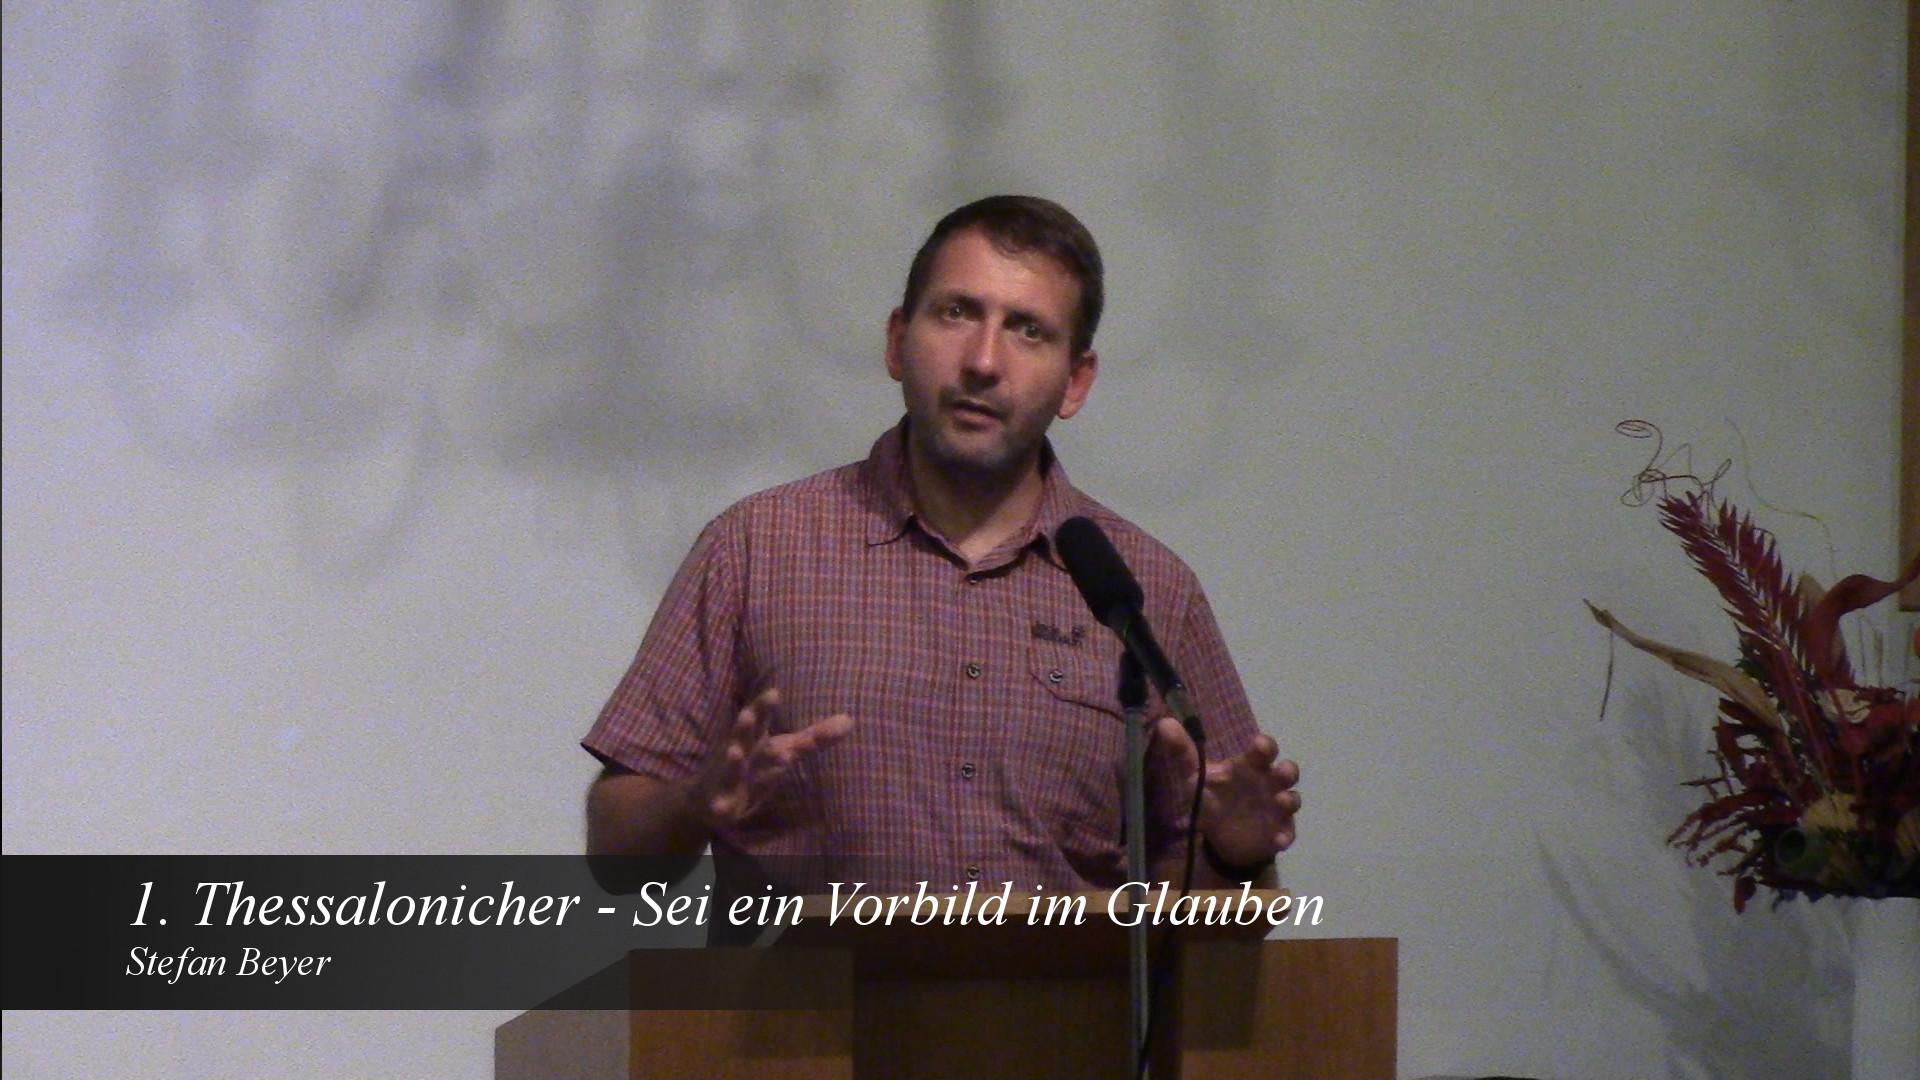 1. Thessalonicher – Sei ein Vorbild im Glauben